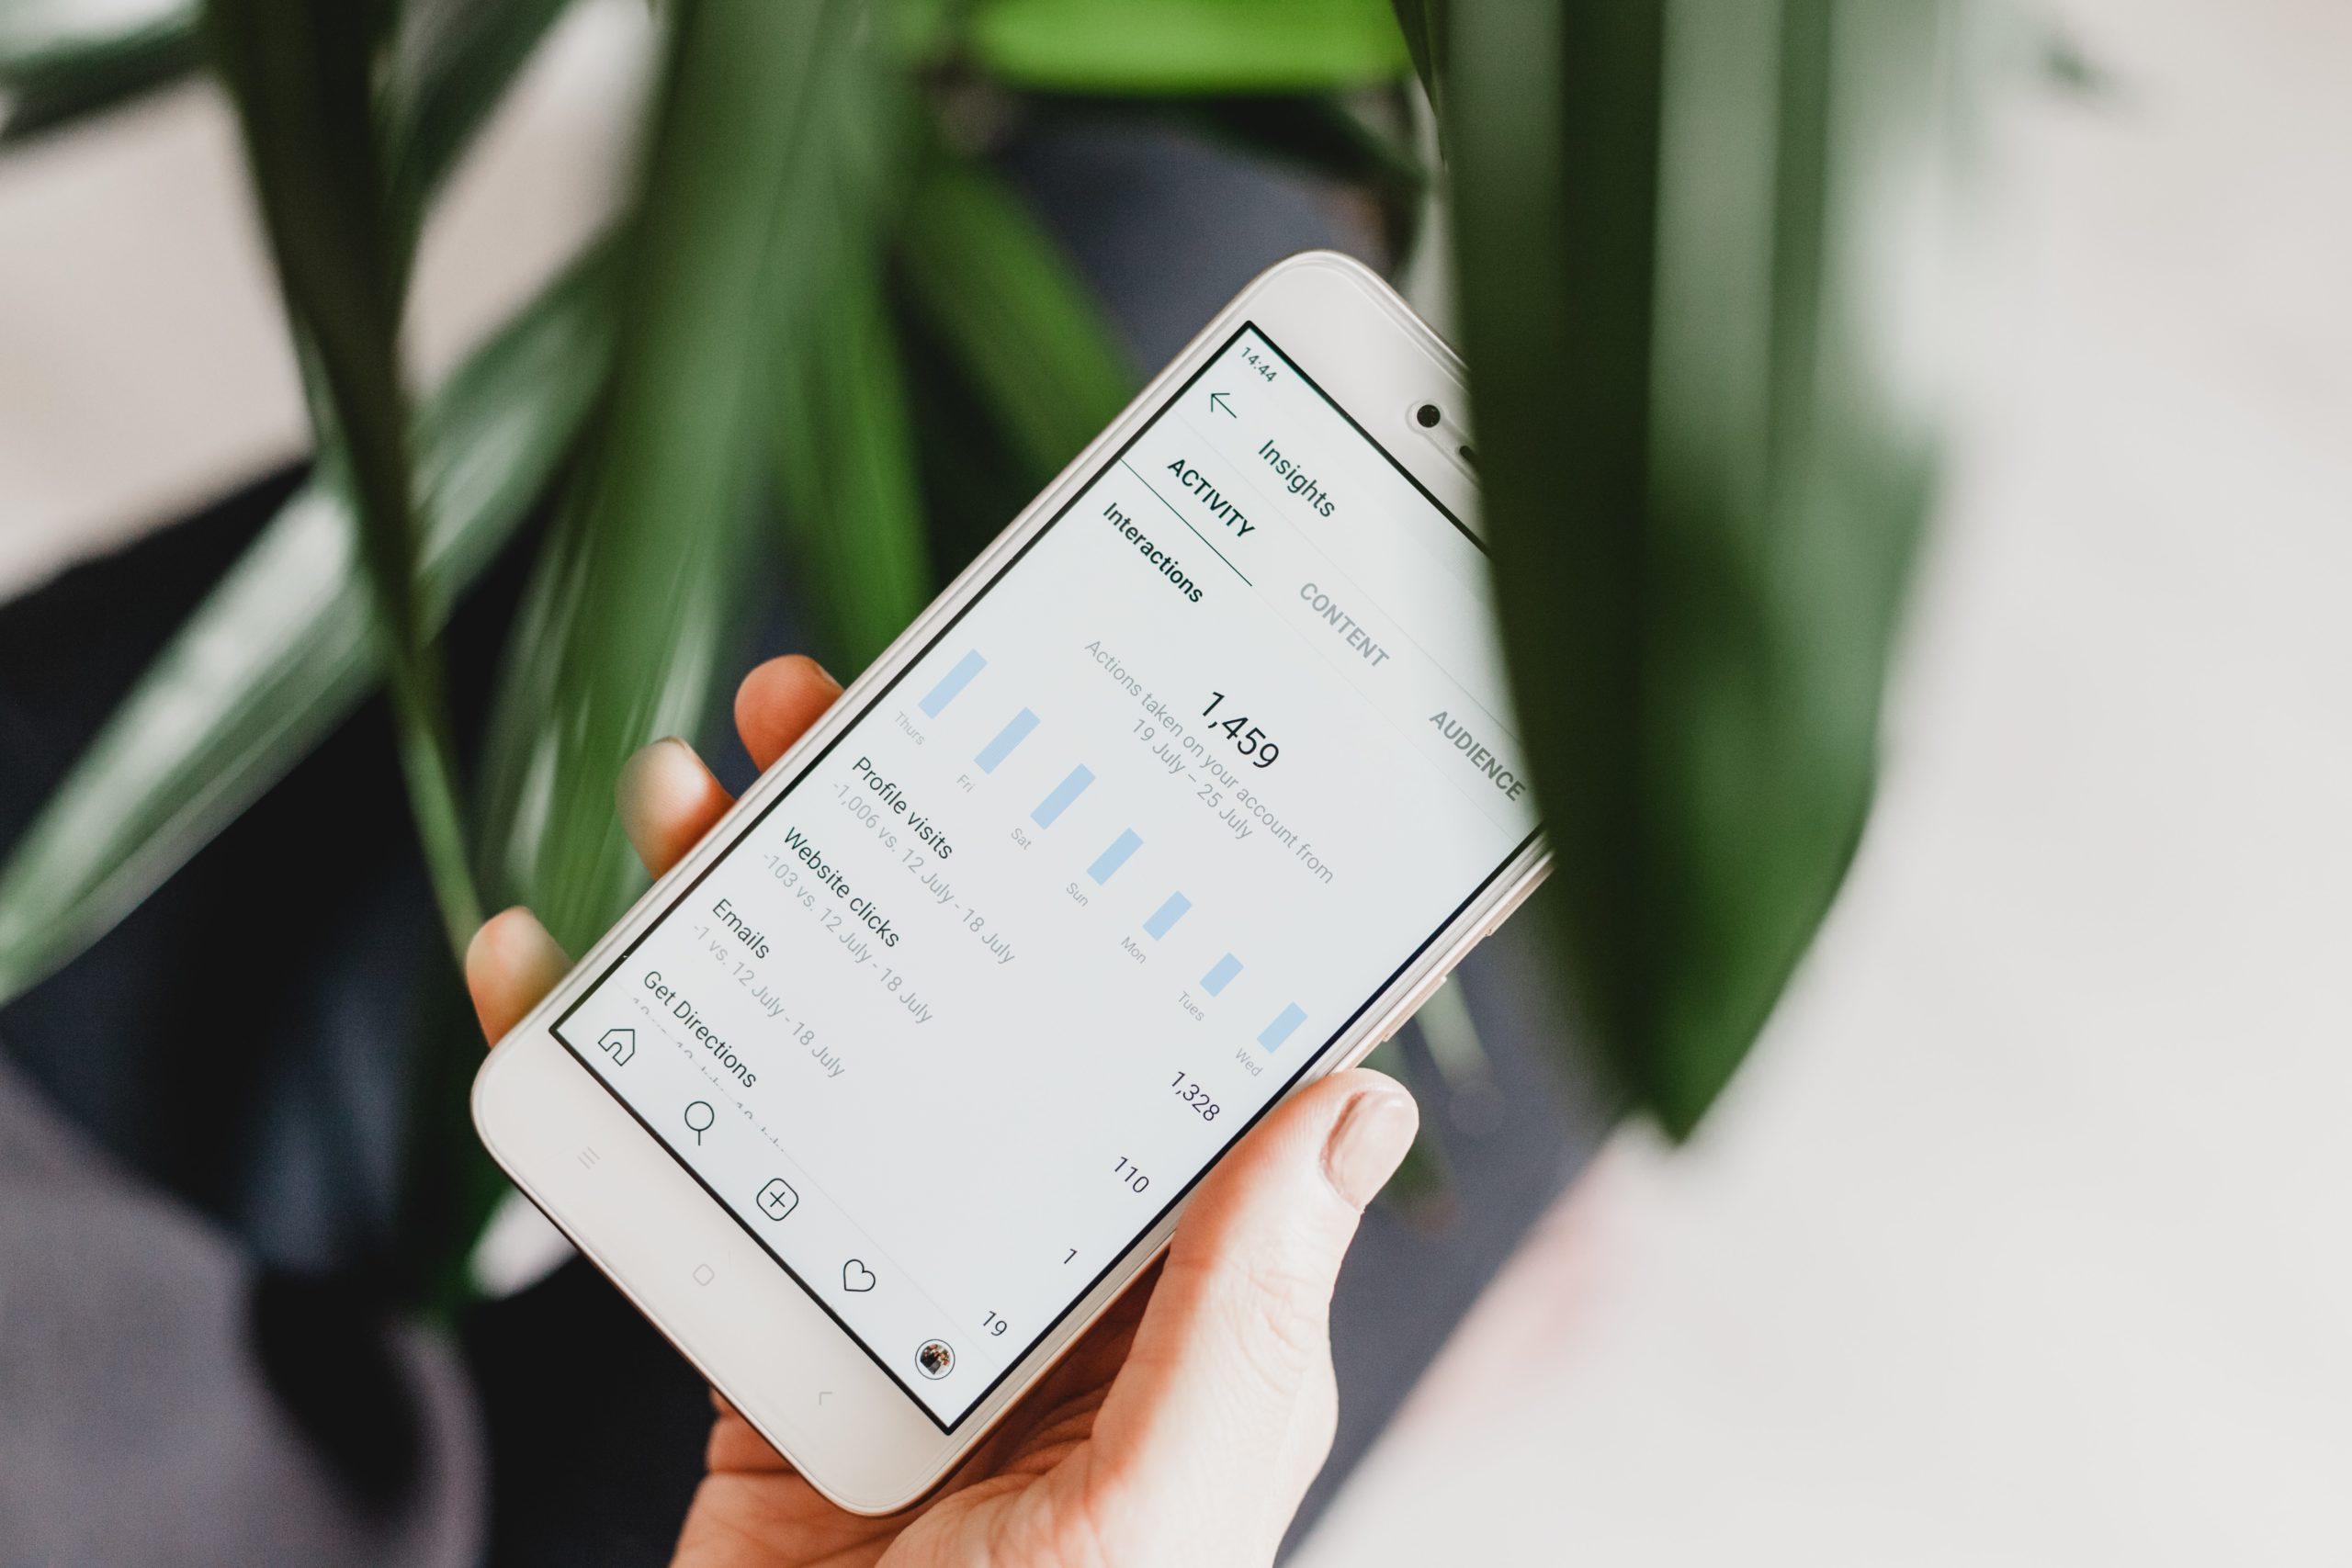 Venda no Instagram 5 etapas para ganhar dinheiro